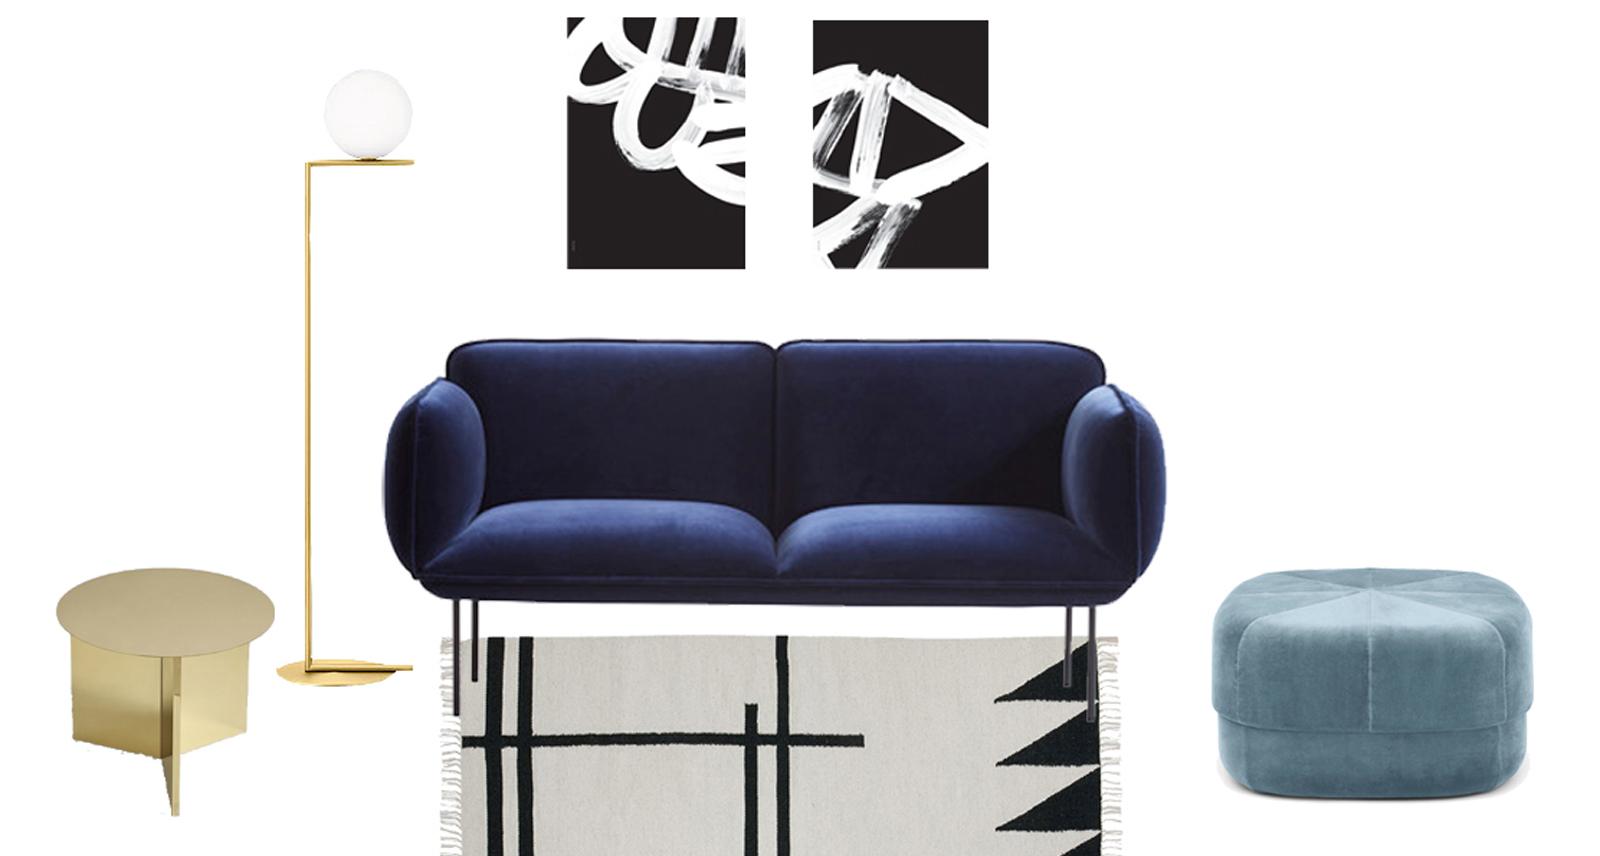 Un sof de terciopelo azul interior notes - Sofa terciopelo azul ...